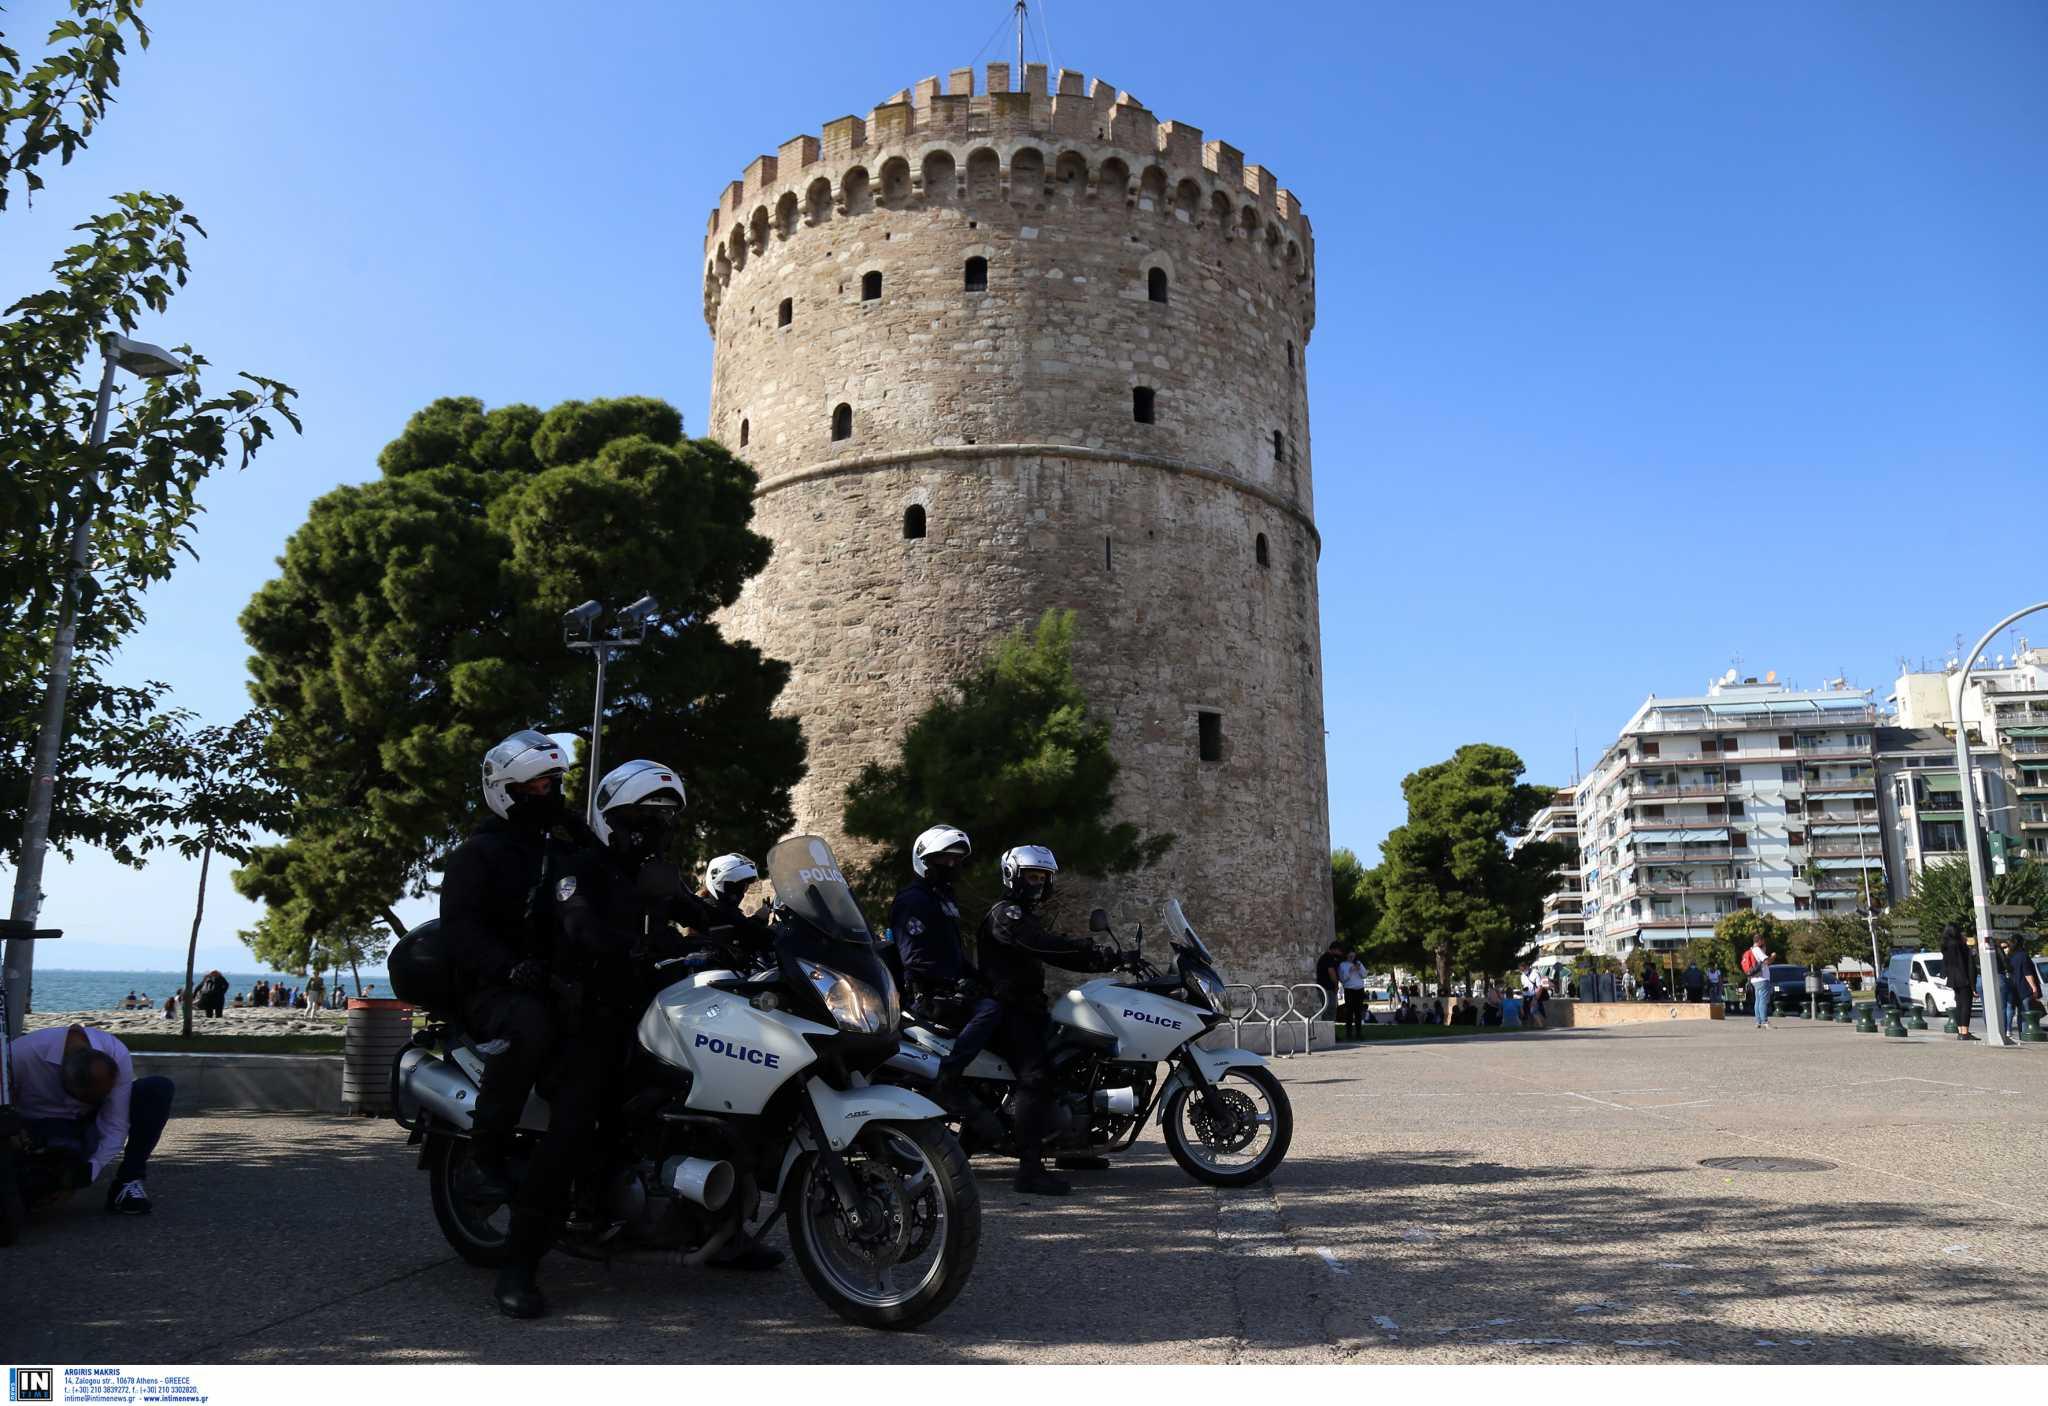 Θεσσαλονίκη – Κορονοϊός: Σχεδόν καθολική επικράτηση της βρετανικής μετάλλαξης δείχνουν τα λύματα (pics)